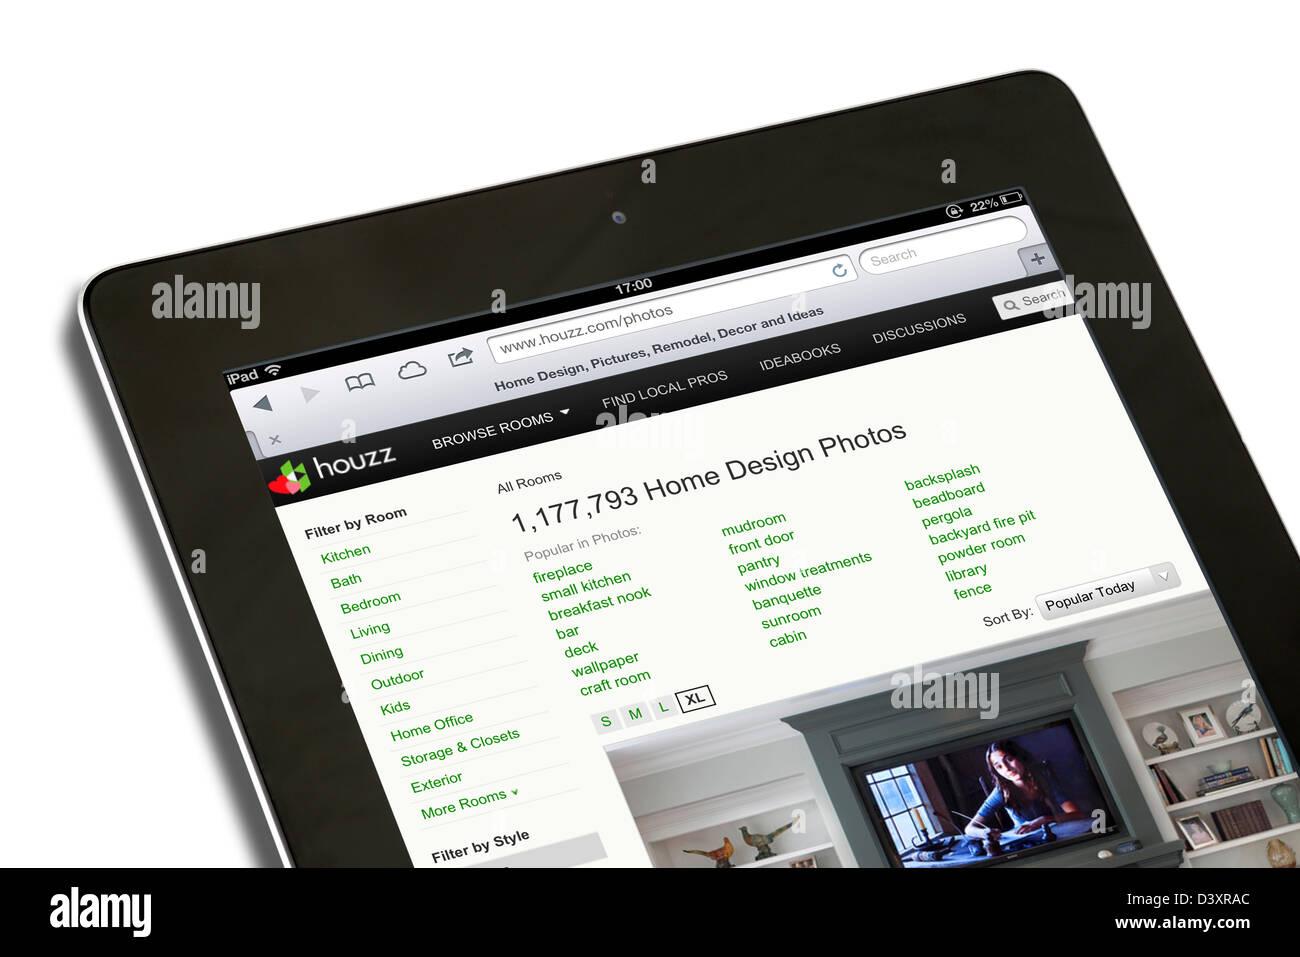 Il Houzz.com design, architettura e miglioramento di casa sito visualizzato su un iPad 4 Immagini Stock